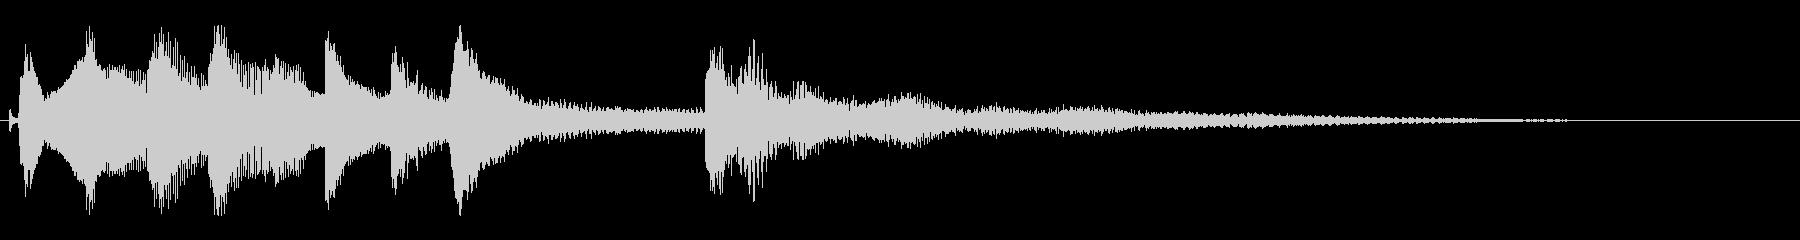 宿屋で一泊する音(琴の音)の未再生の波形